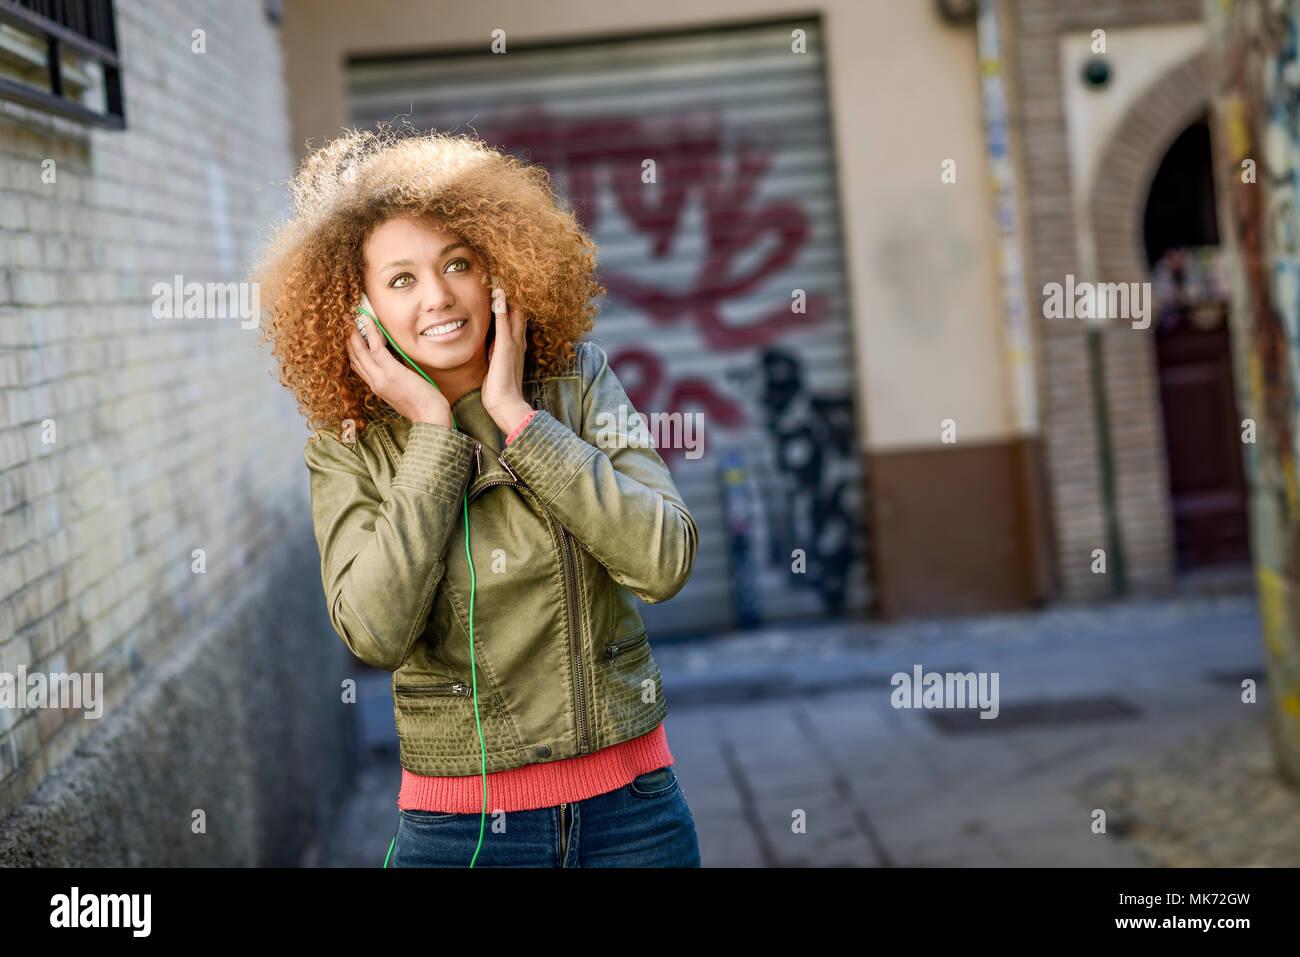 0a48ce3d16 Ritratto di giovane attraente ragazza nera in background urbano ascoltando  la musica con le cuffie.